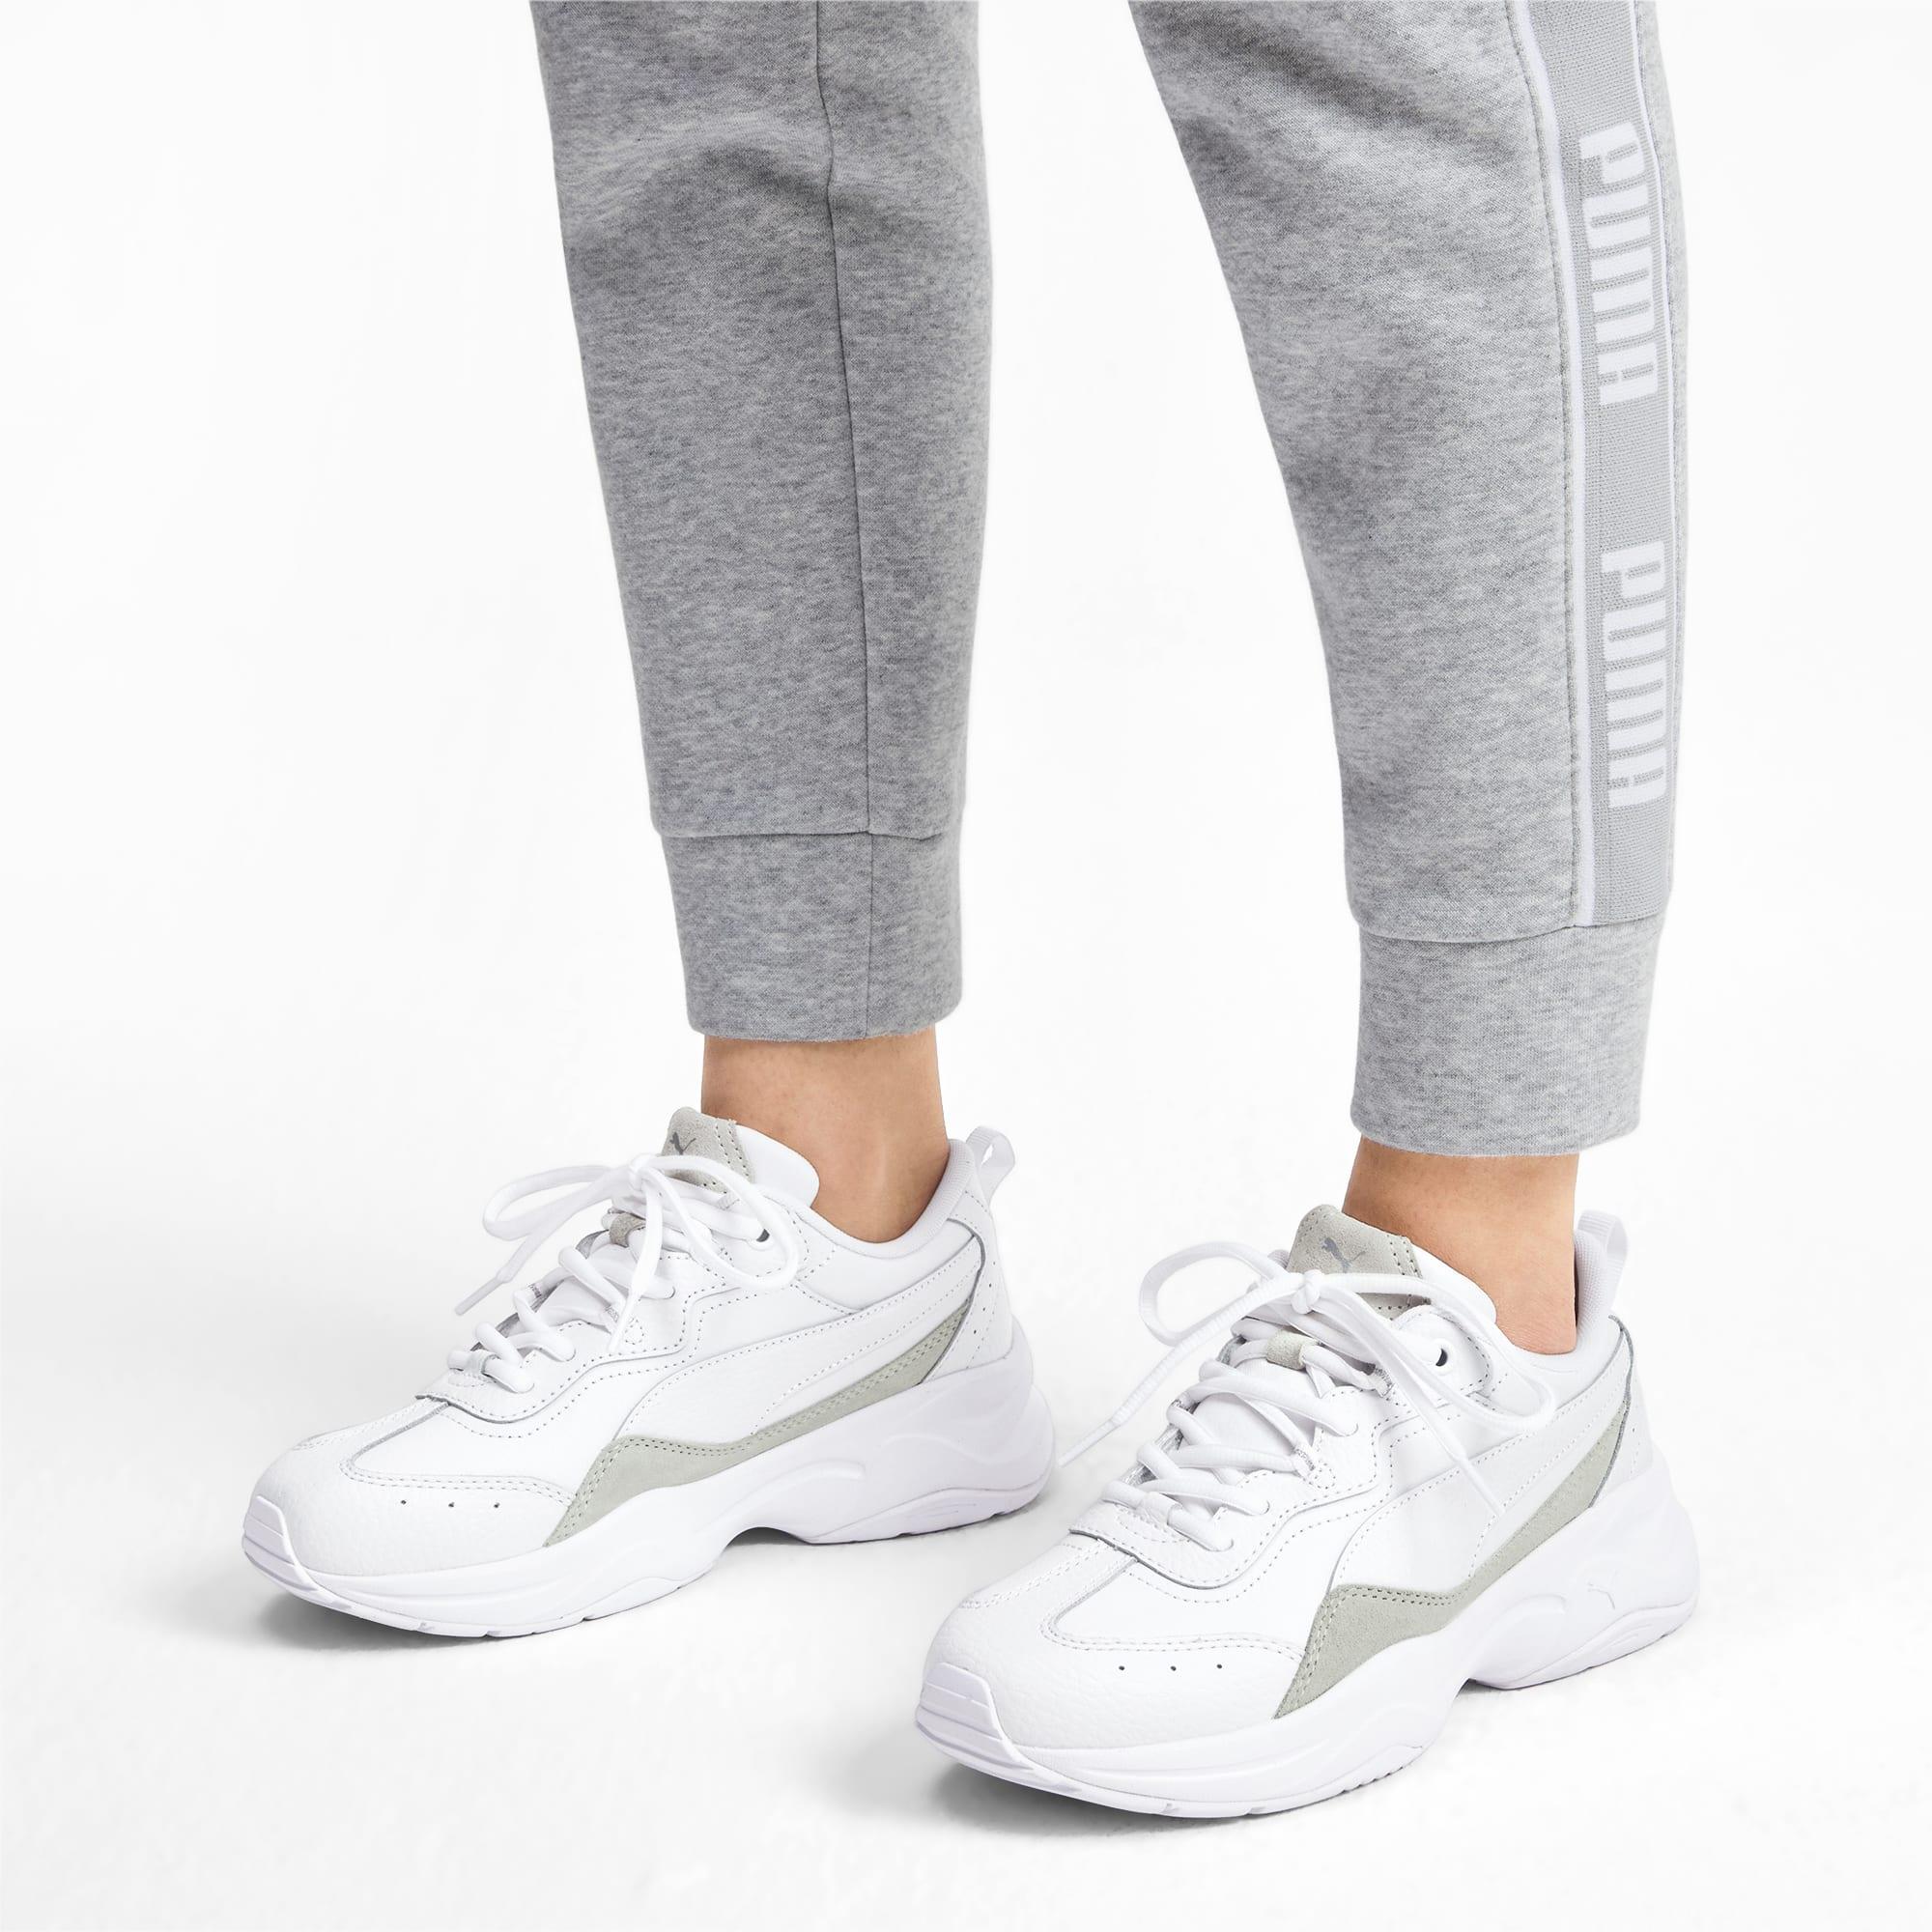 Damskie buty treningowe Cilia Lux